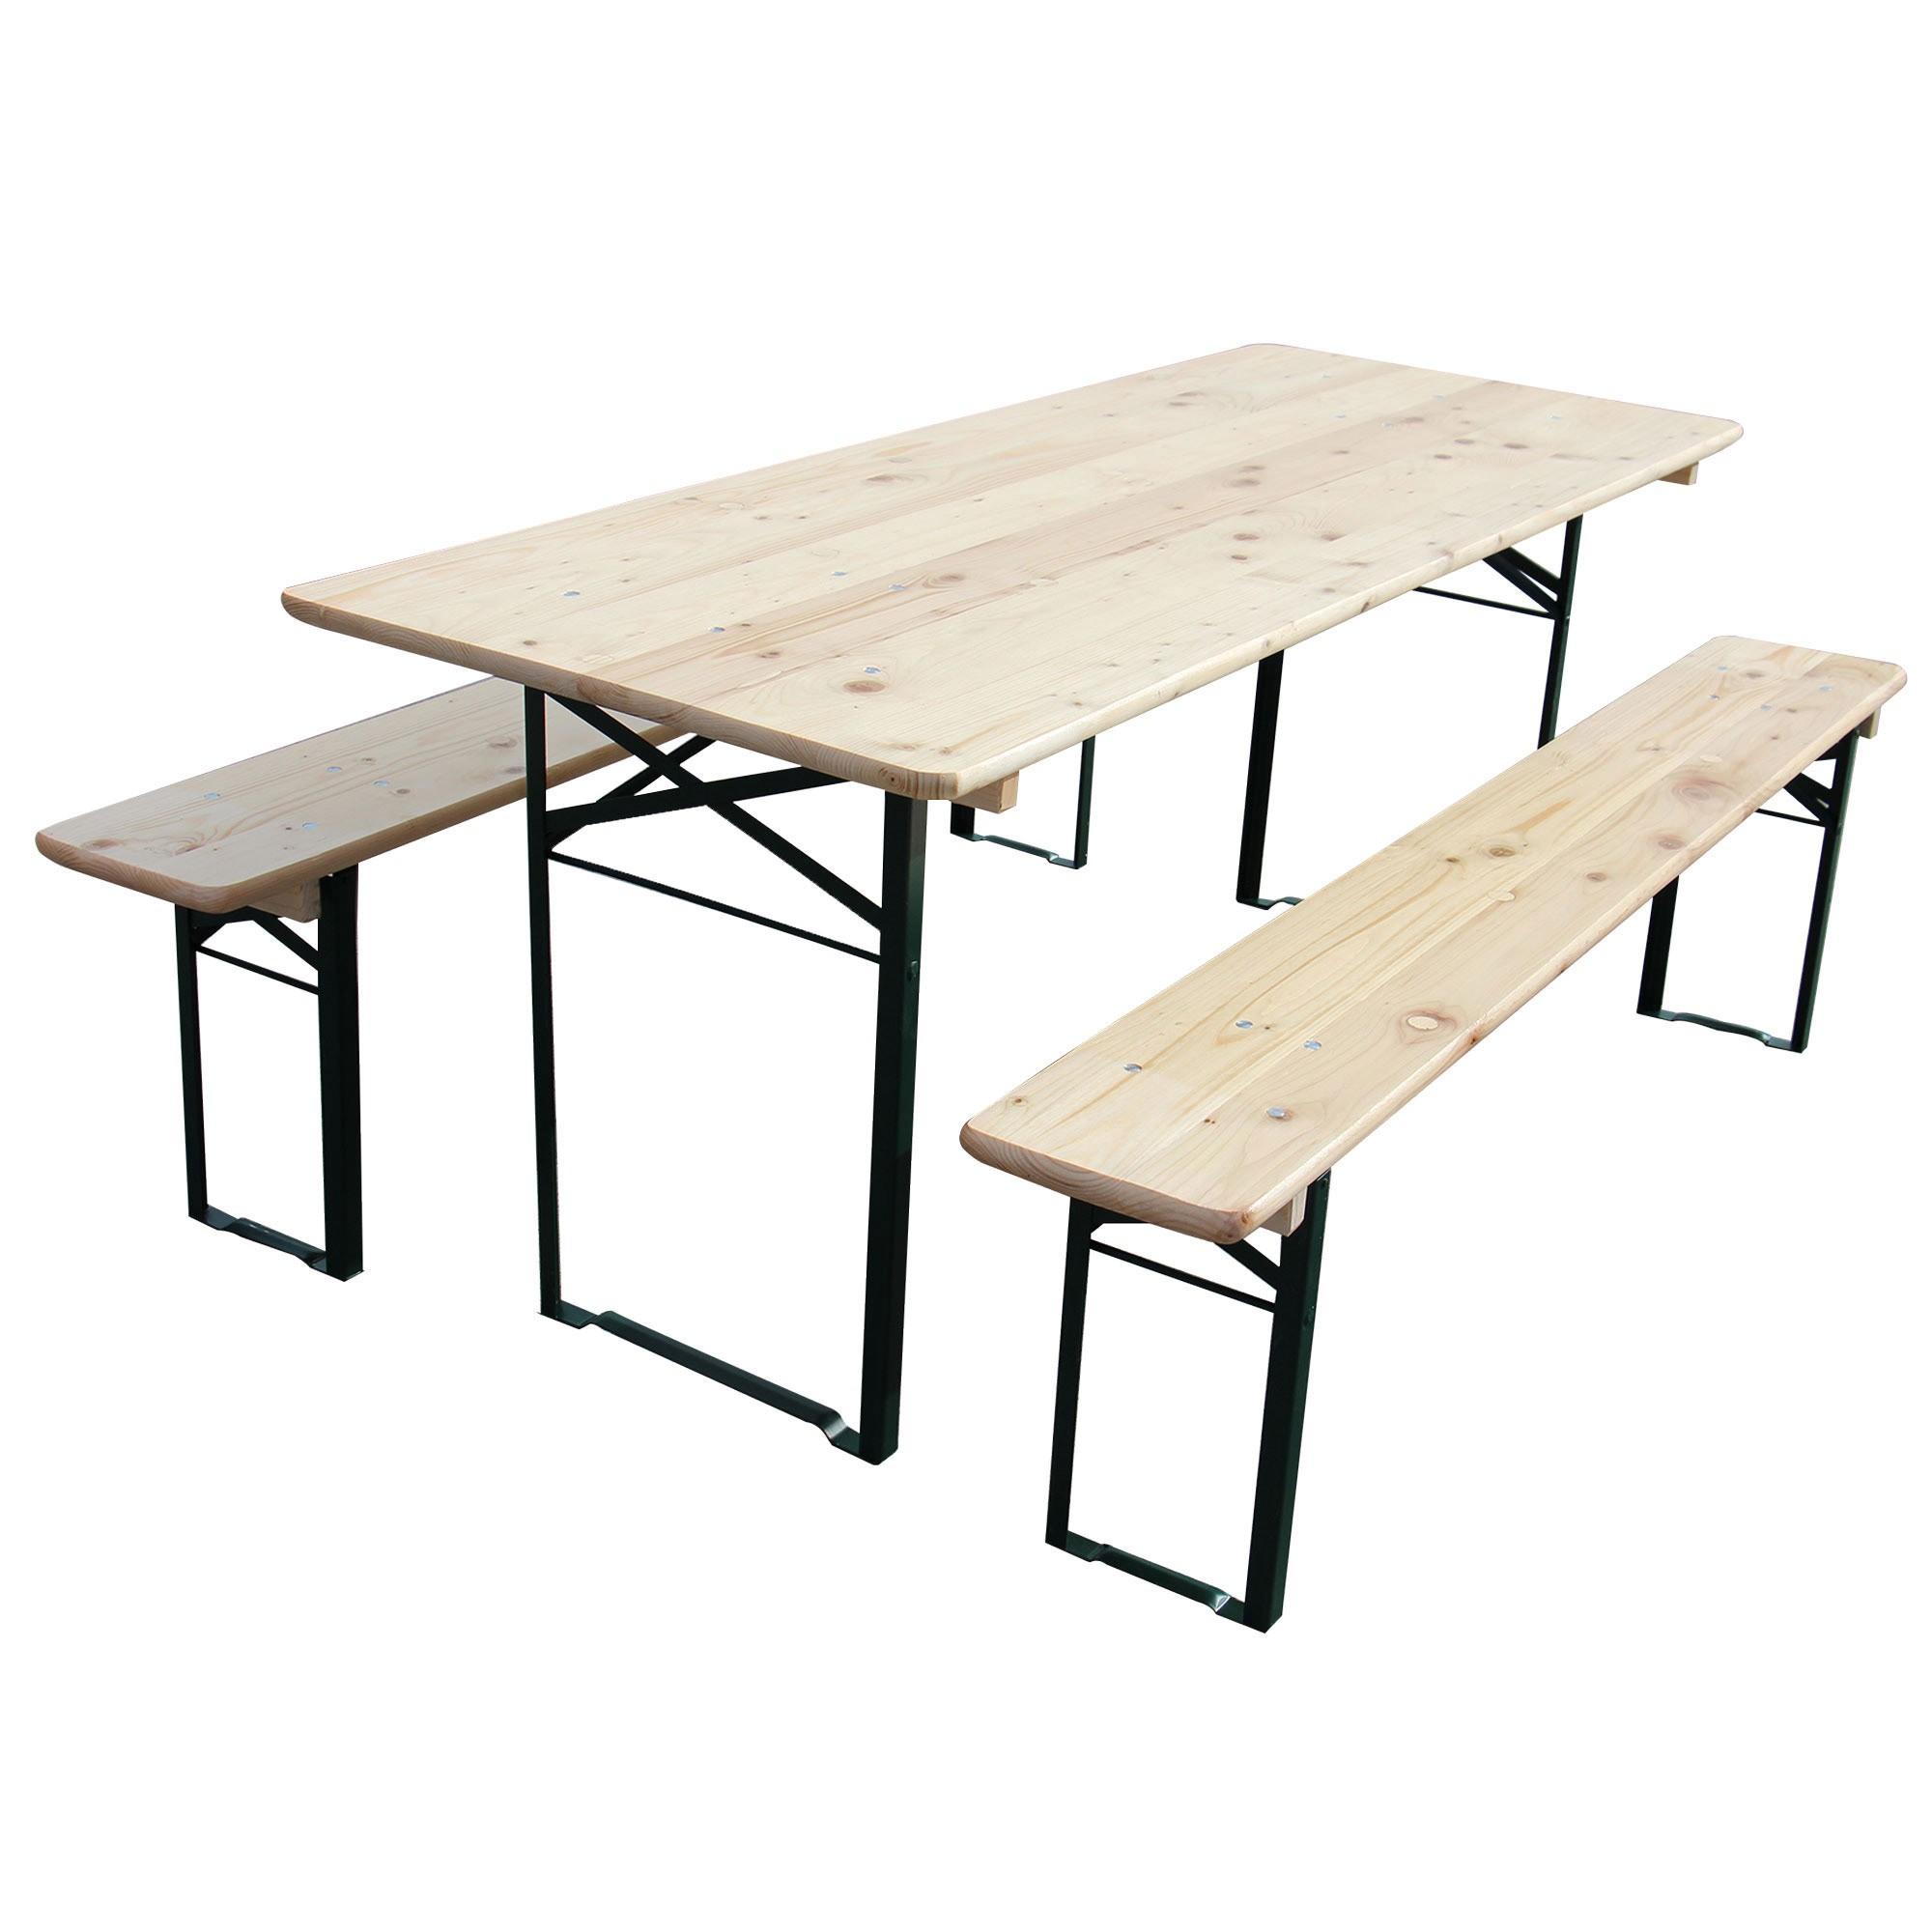 Dedeman set berarie masa cu 2 banci clasa a 180 x 70 cm for Masa cu scaune dedeman